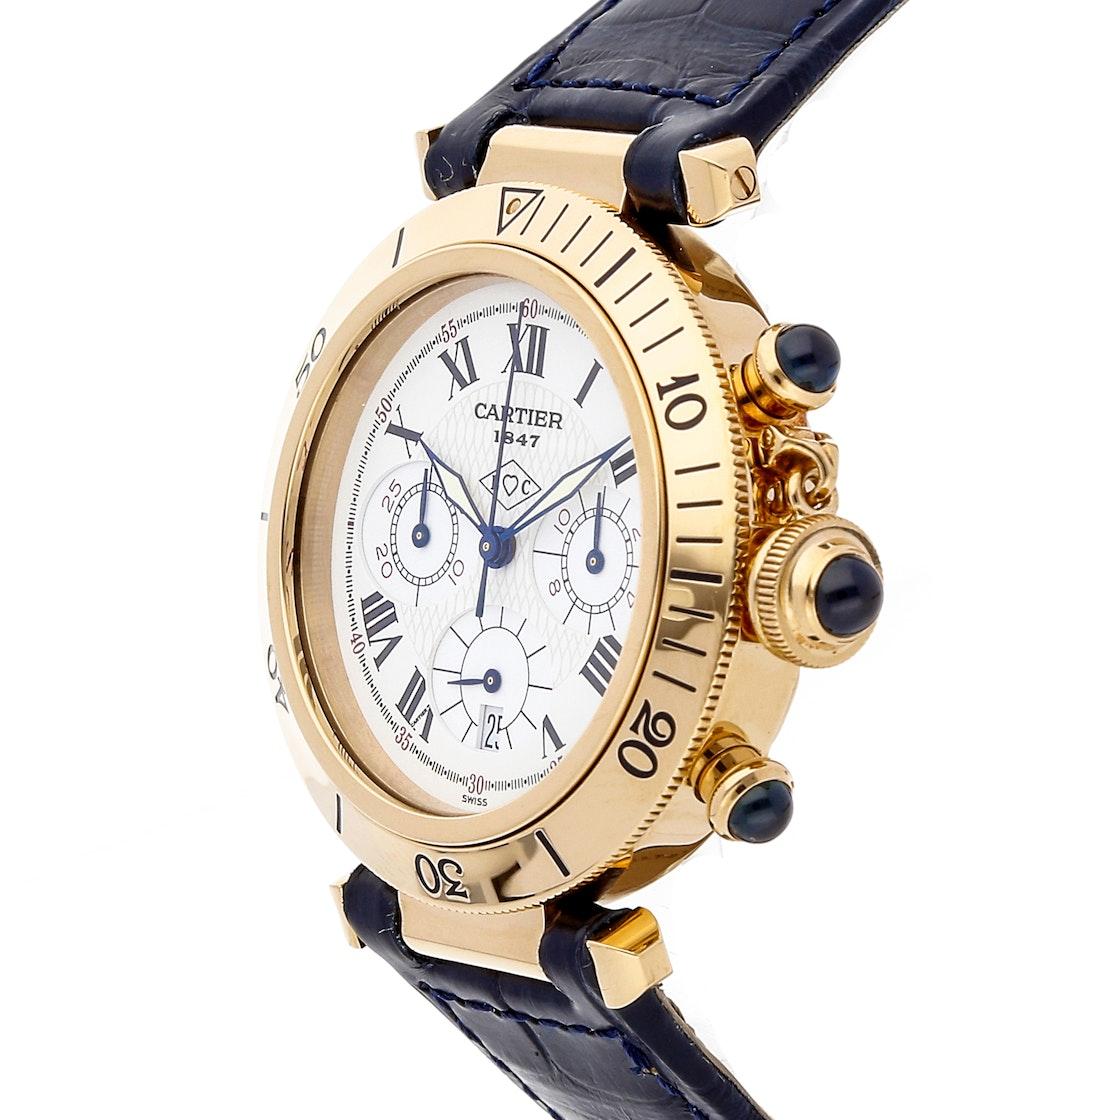 Cartier Pasha de Cartier Chronograph W2684